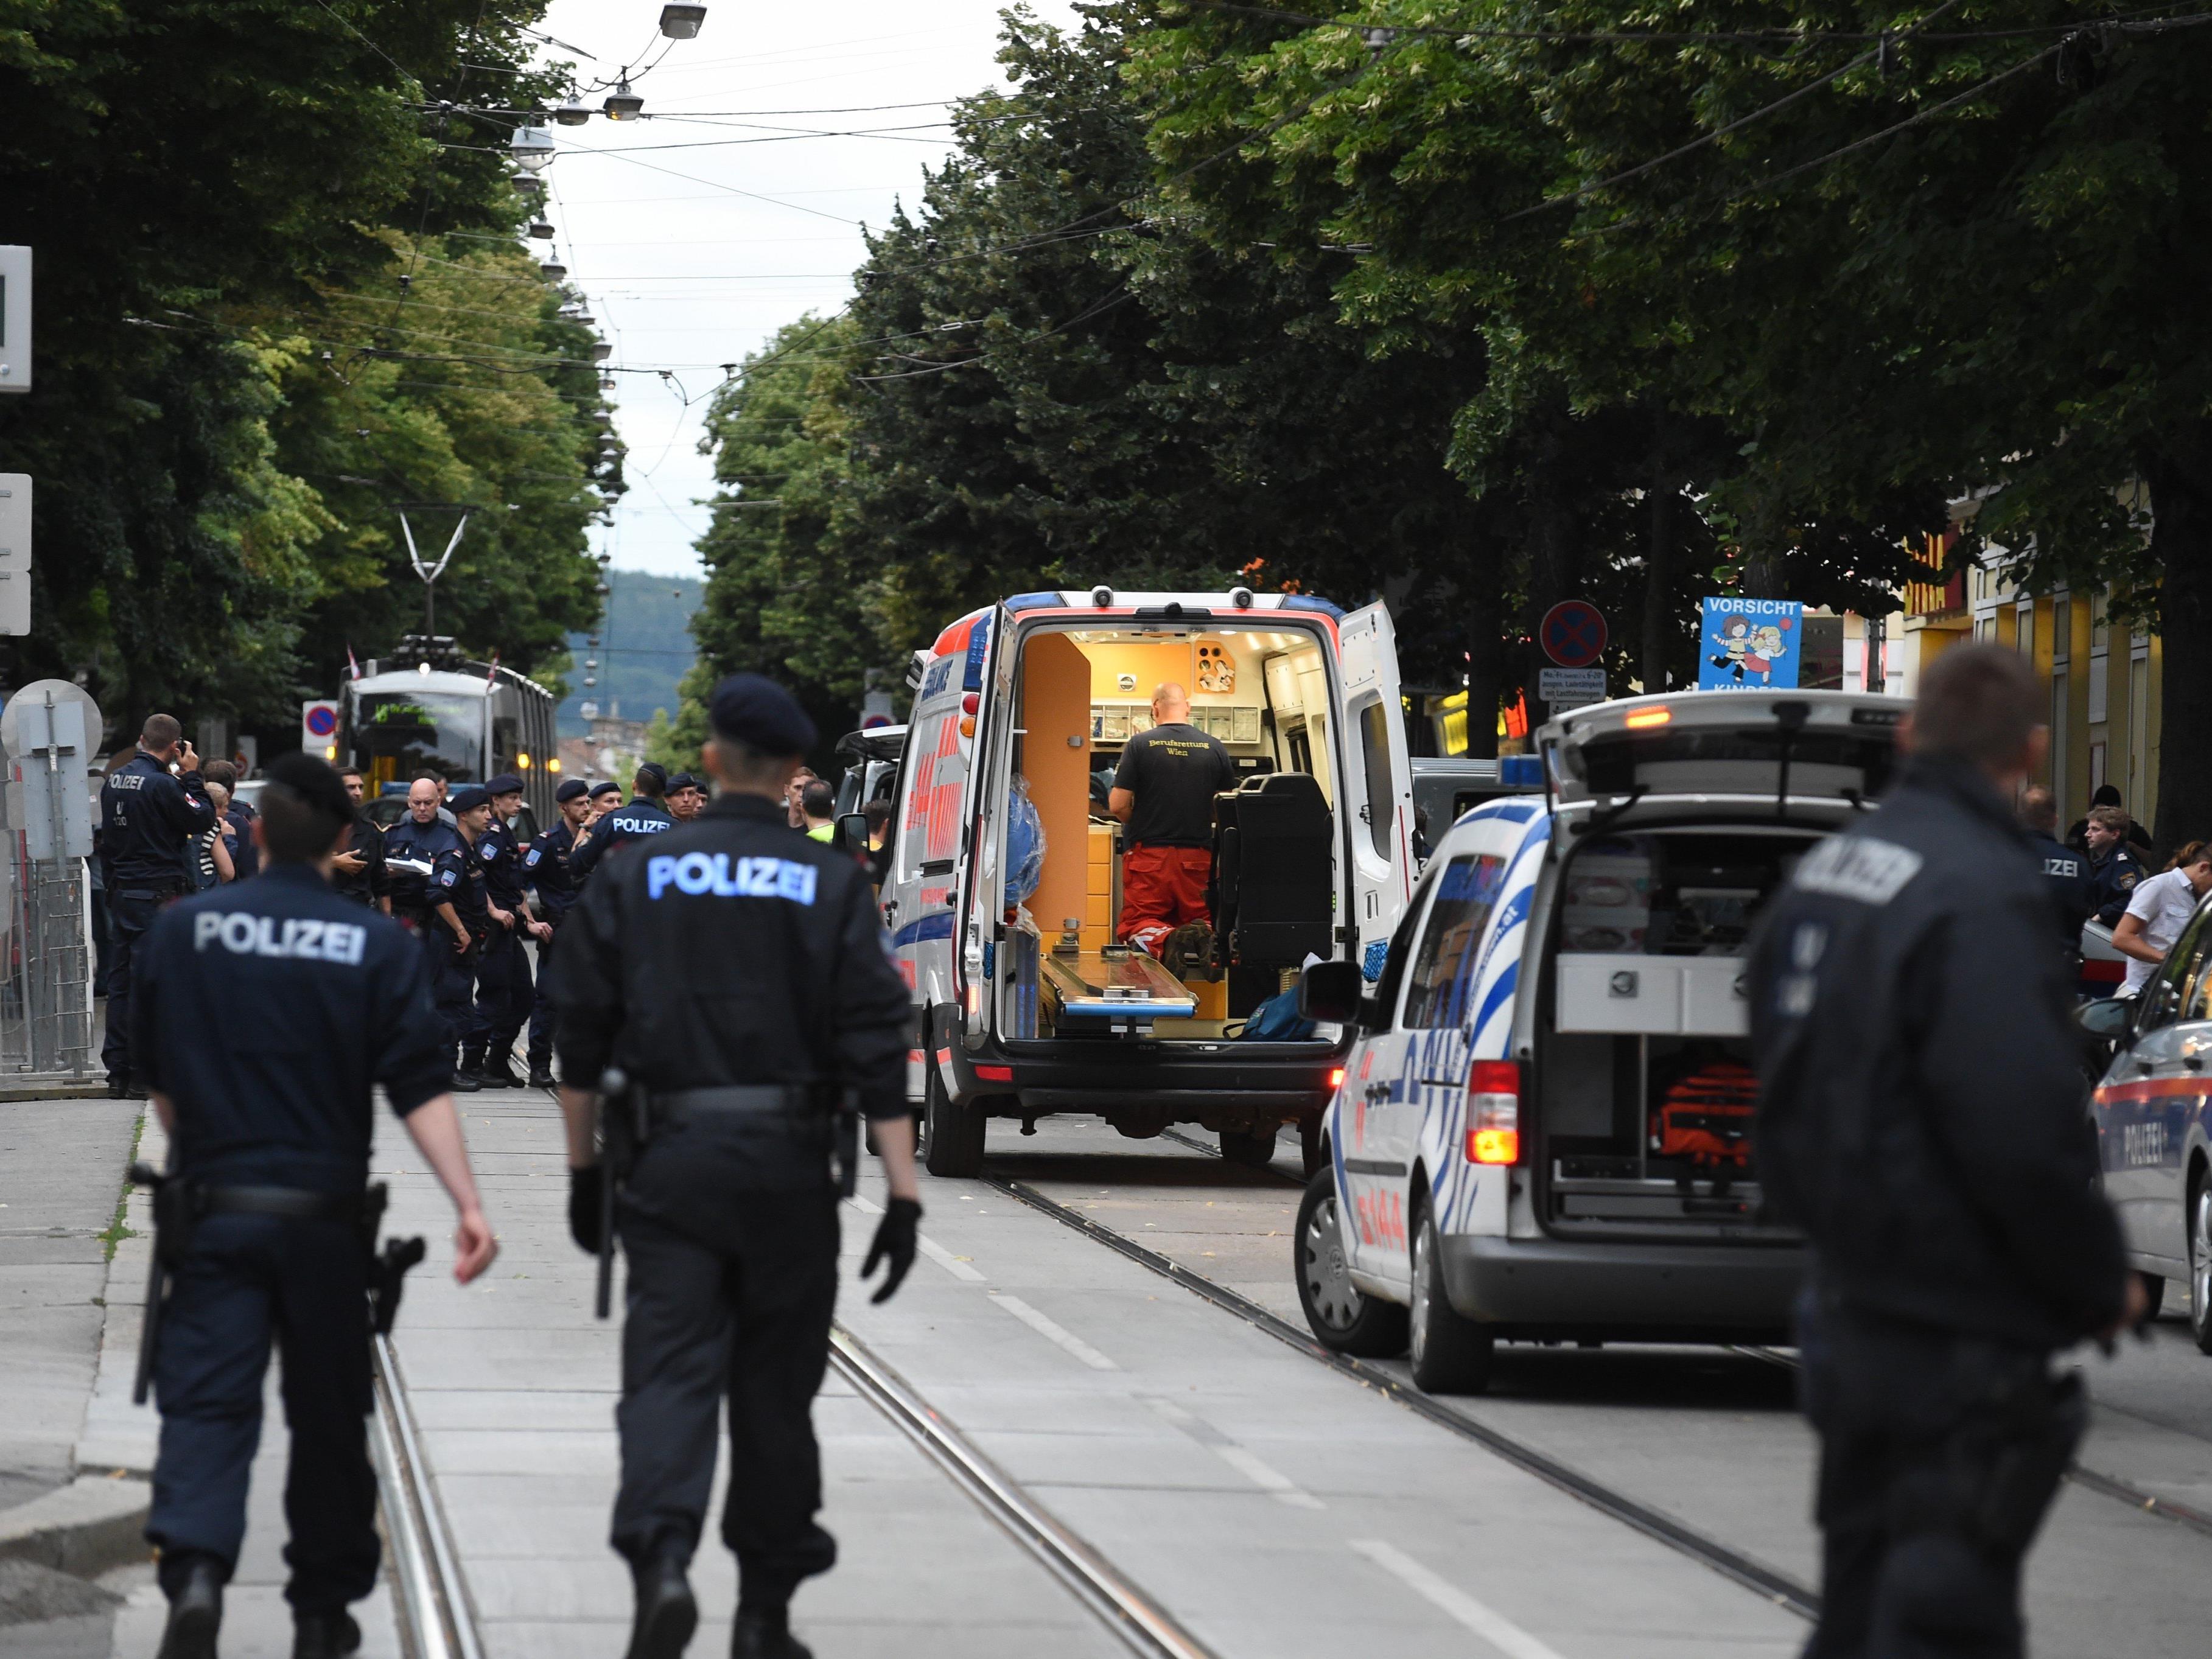 Bei dem Supermarkt-Überfall in Wien-Penzing wurde ein Polizist getötet.